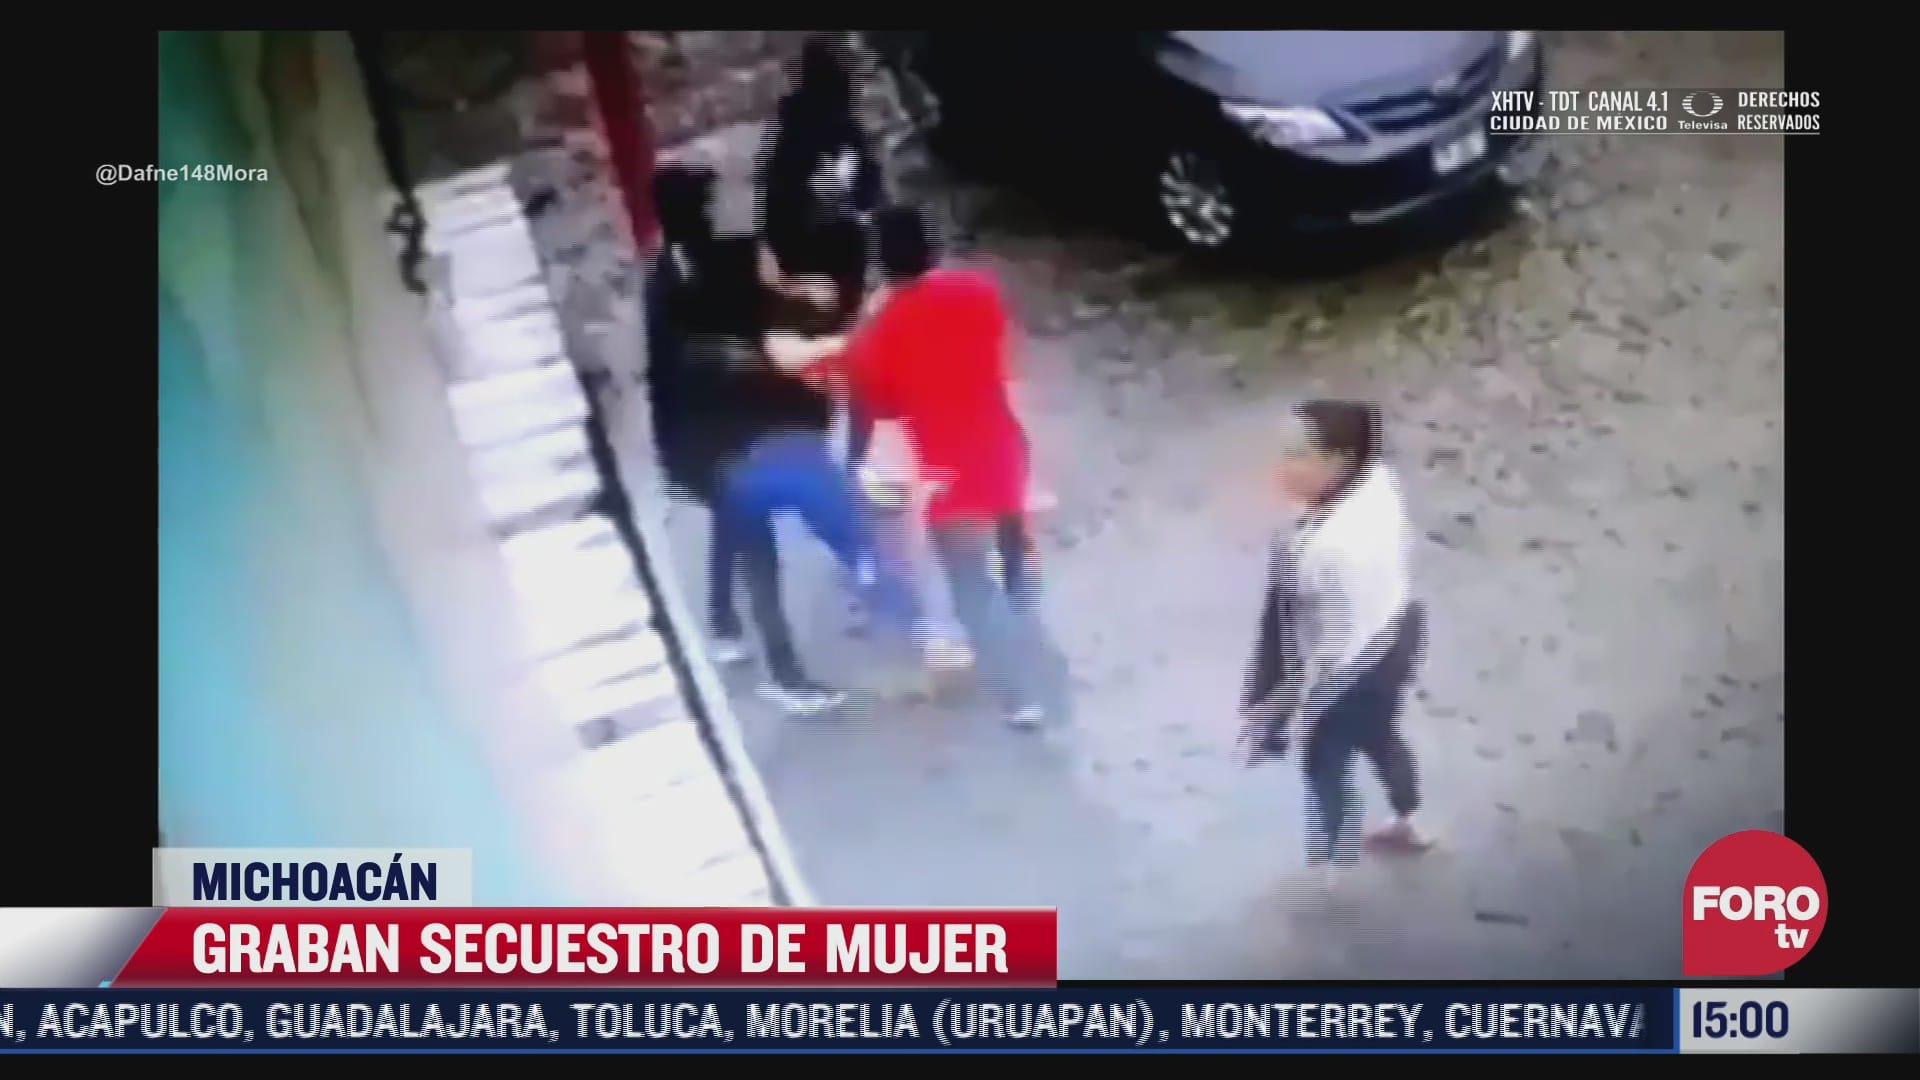 captan secuestro de mujer en apatzingan michoacan